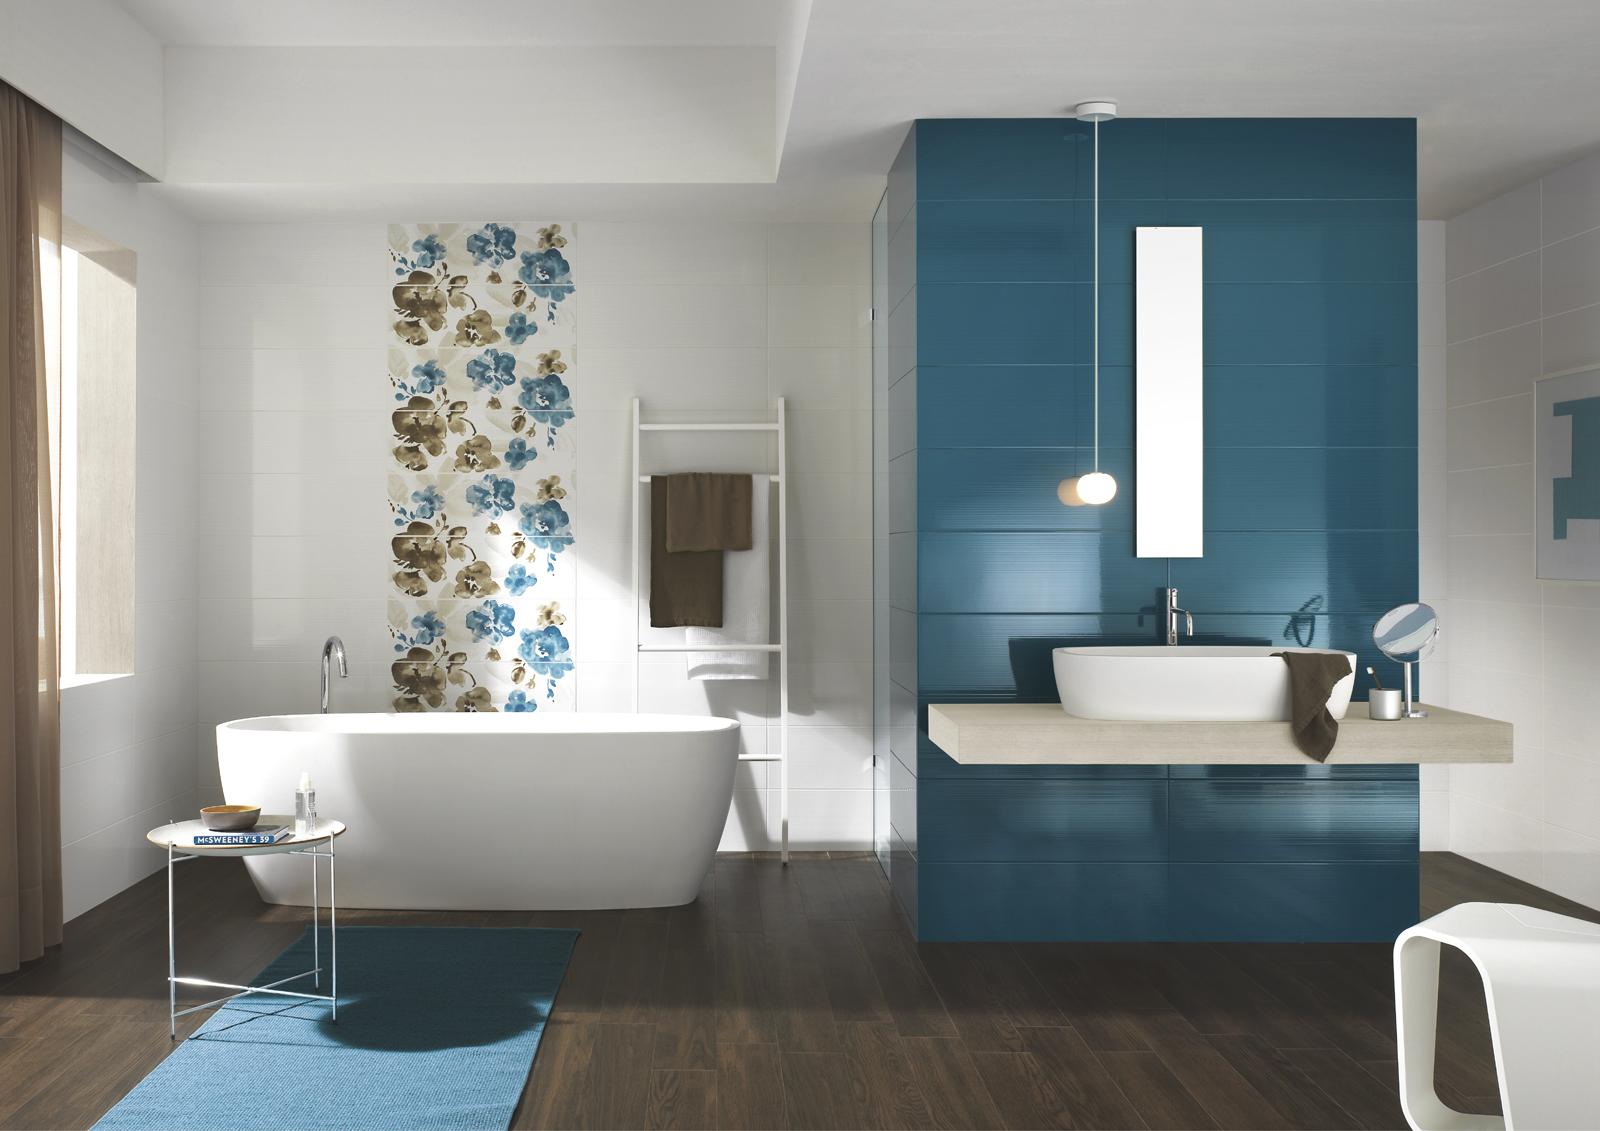 Collezione smart piastrelle colorate per bagno ragno - Piastrelle ragno bagno ...